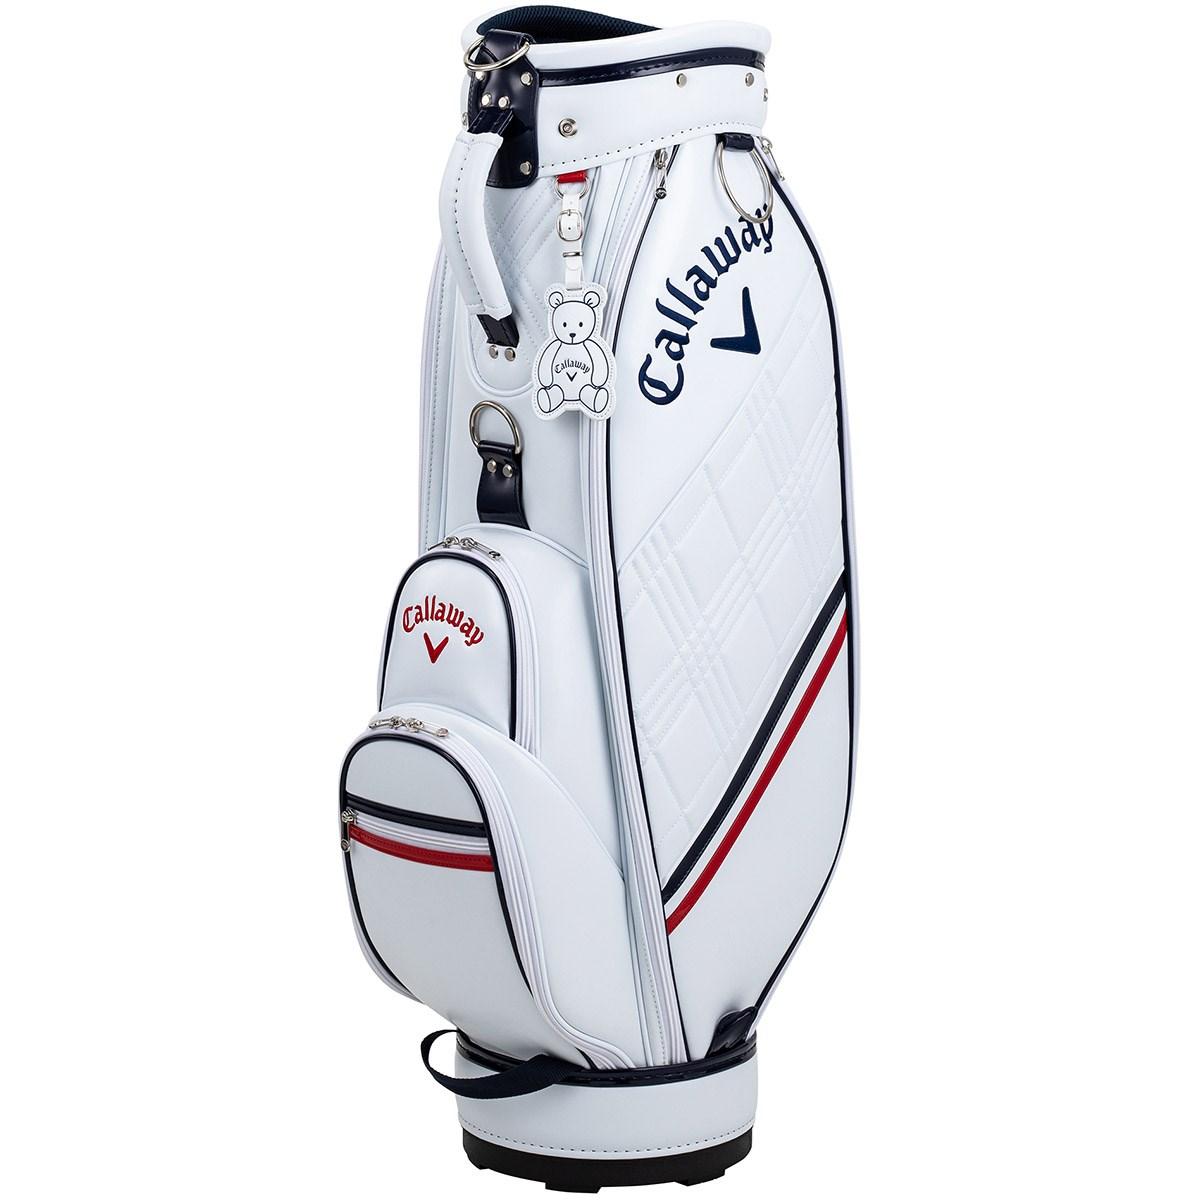 キャロウェイゴルフ(Callaway Golf) PU SPORT キャディバッグレディス